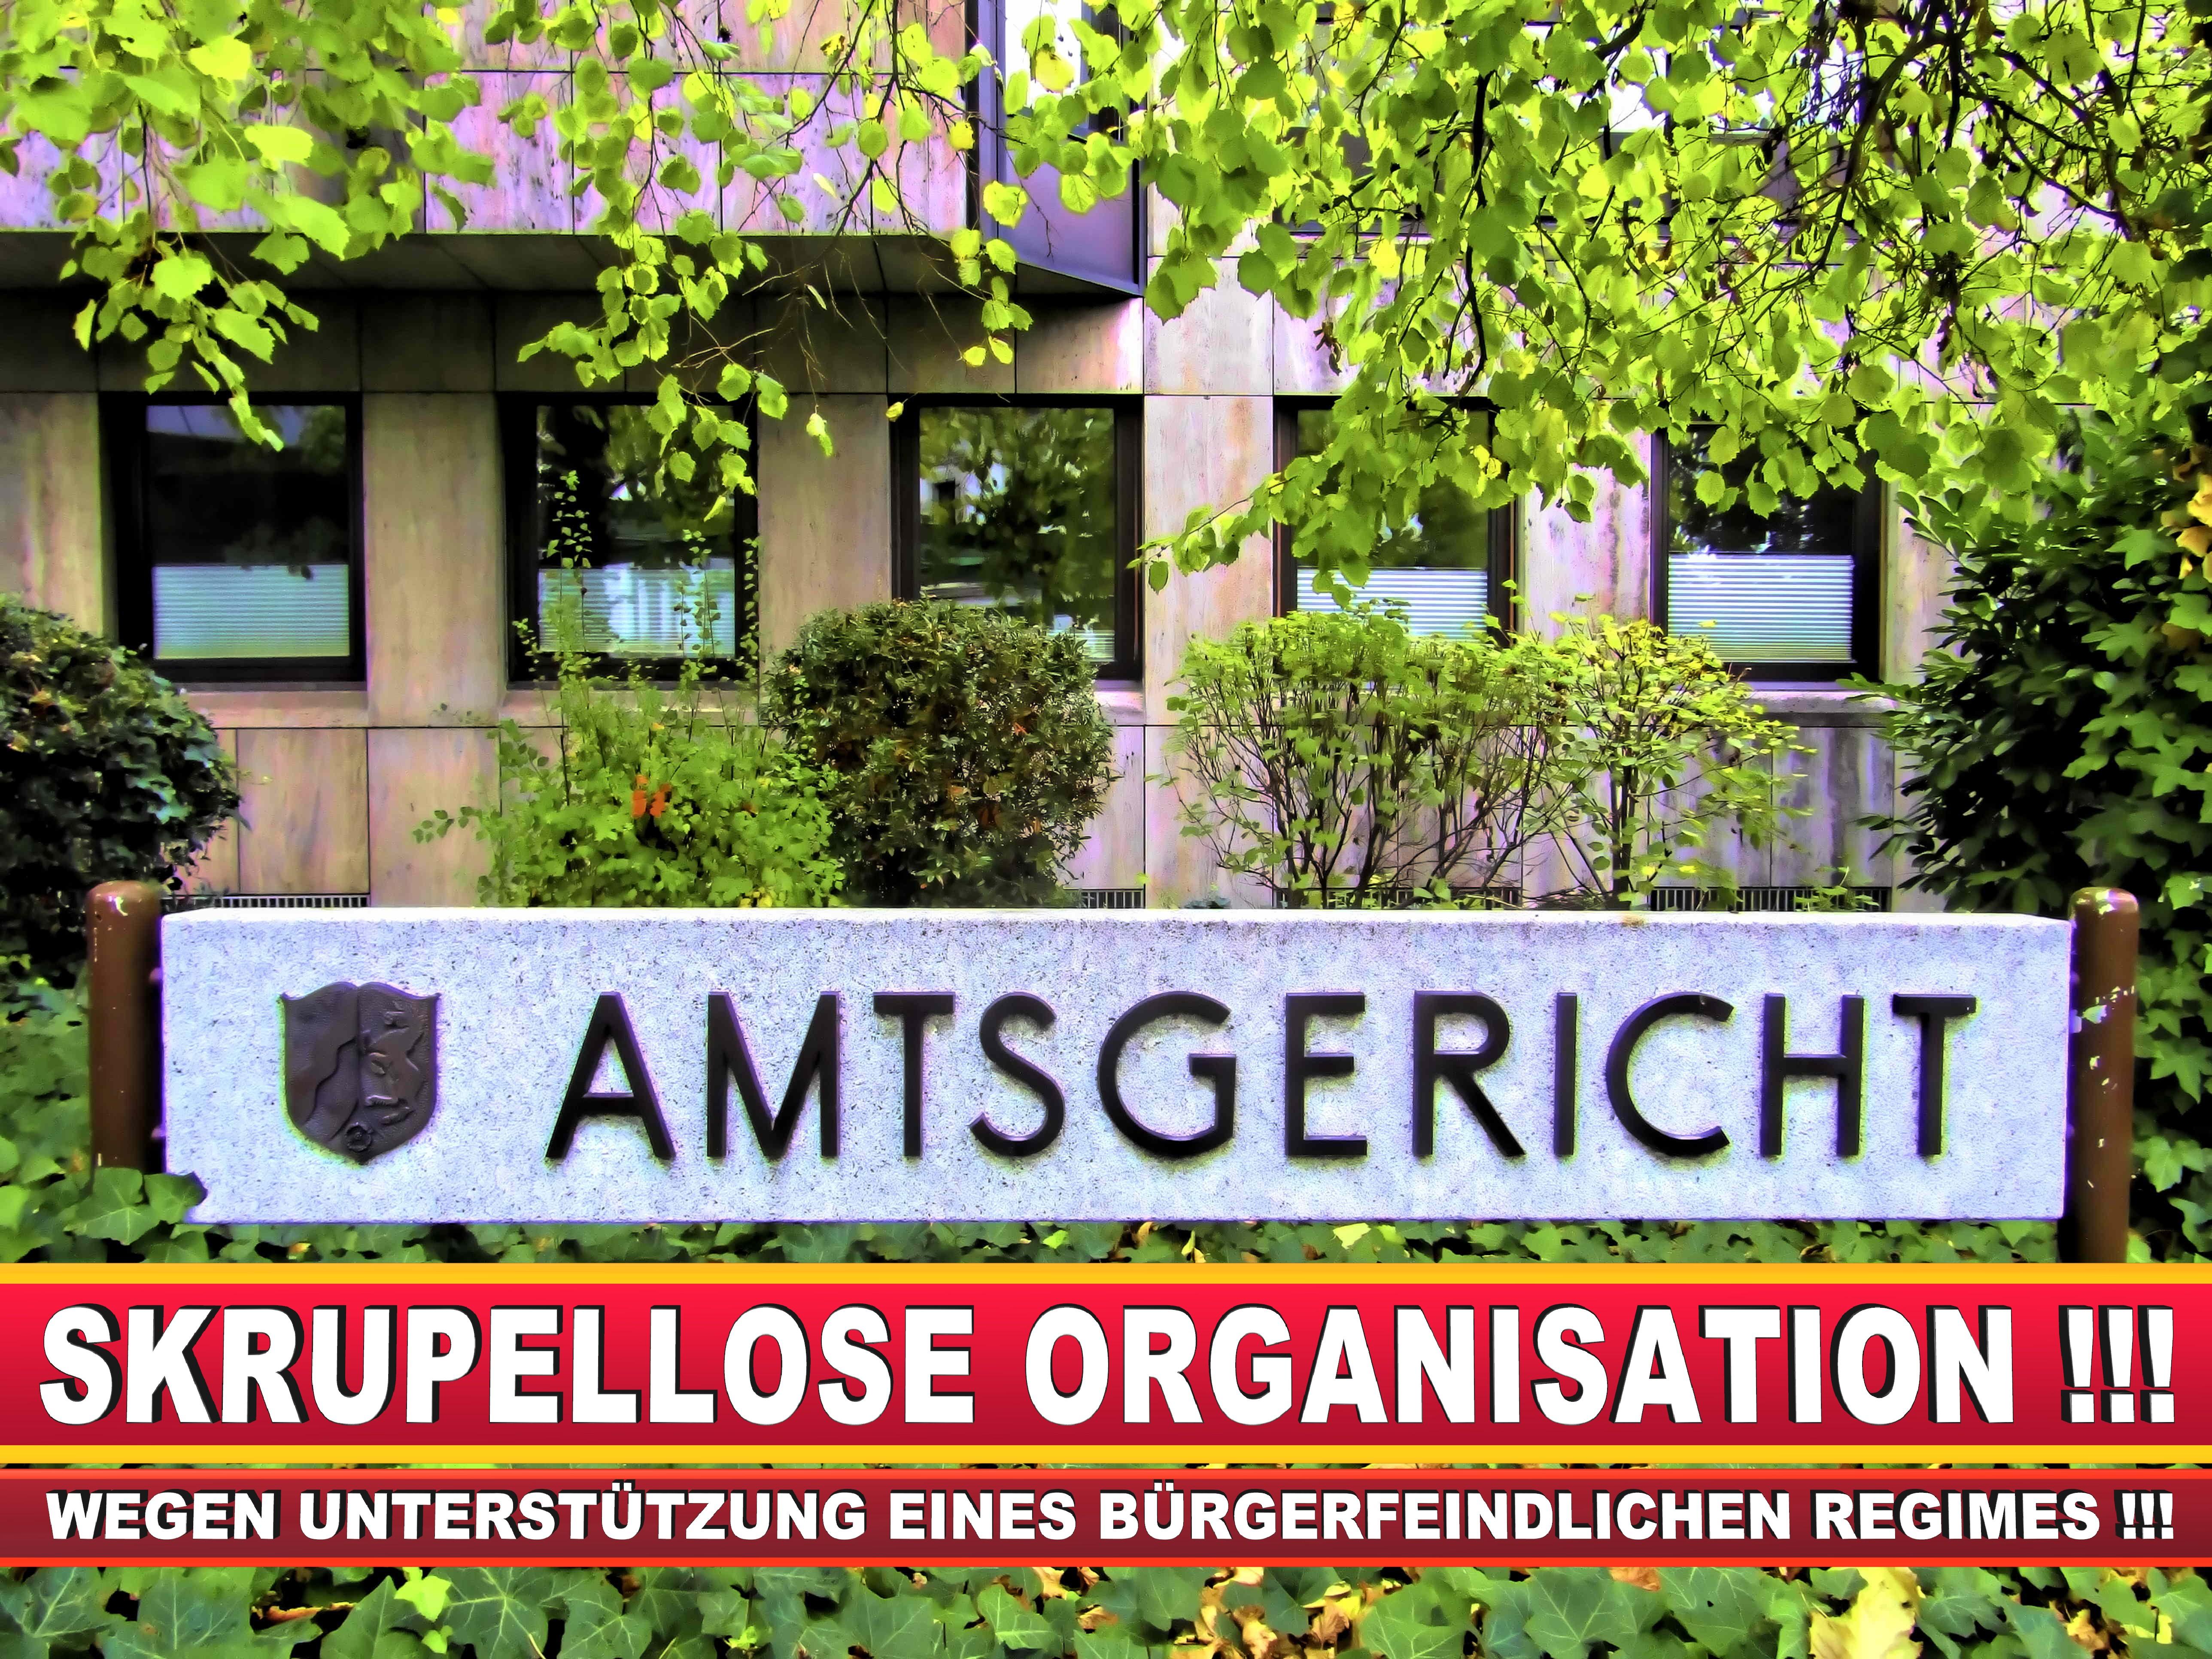 AMTSGERICHT LANDGERICHT STAATSANWALTSCHAFT BIELEFELD BEHöRDEN NRW ARBEITSGERICHT SOZIALGERICHT VERWALTUNGSGERICHT (1)